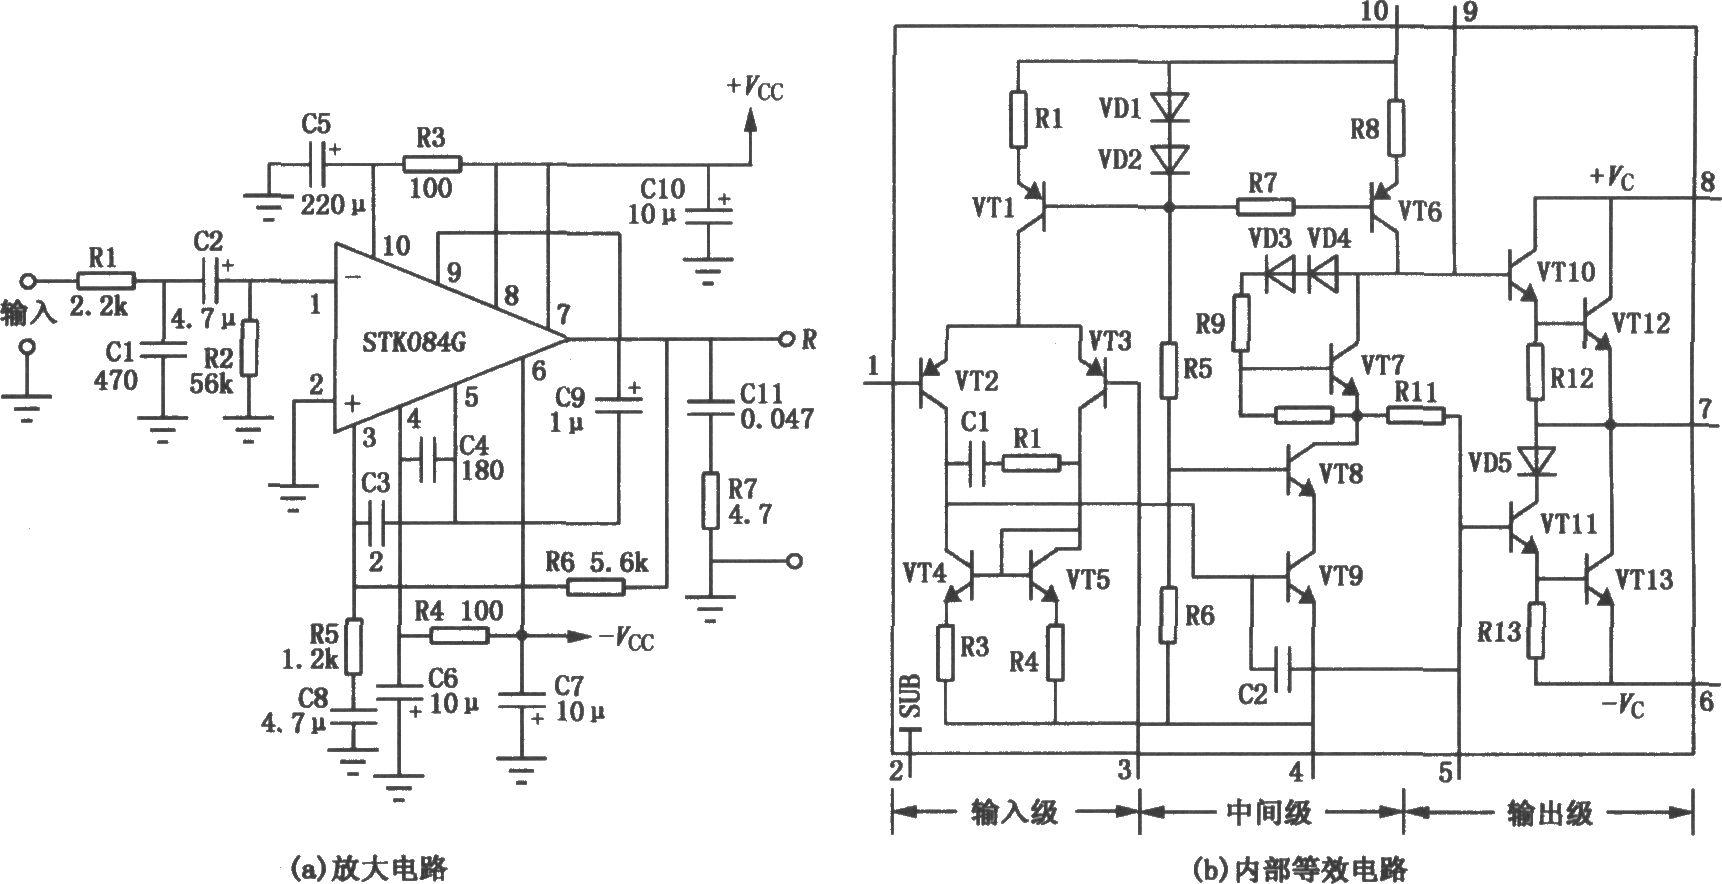 vtl和vt6为恒流偏置电路,可以抑制电源变动对电路的影响.